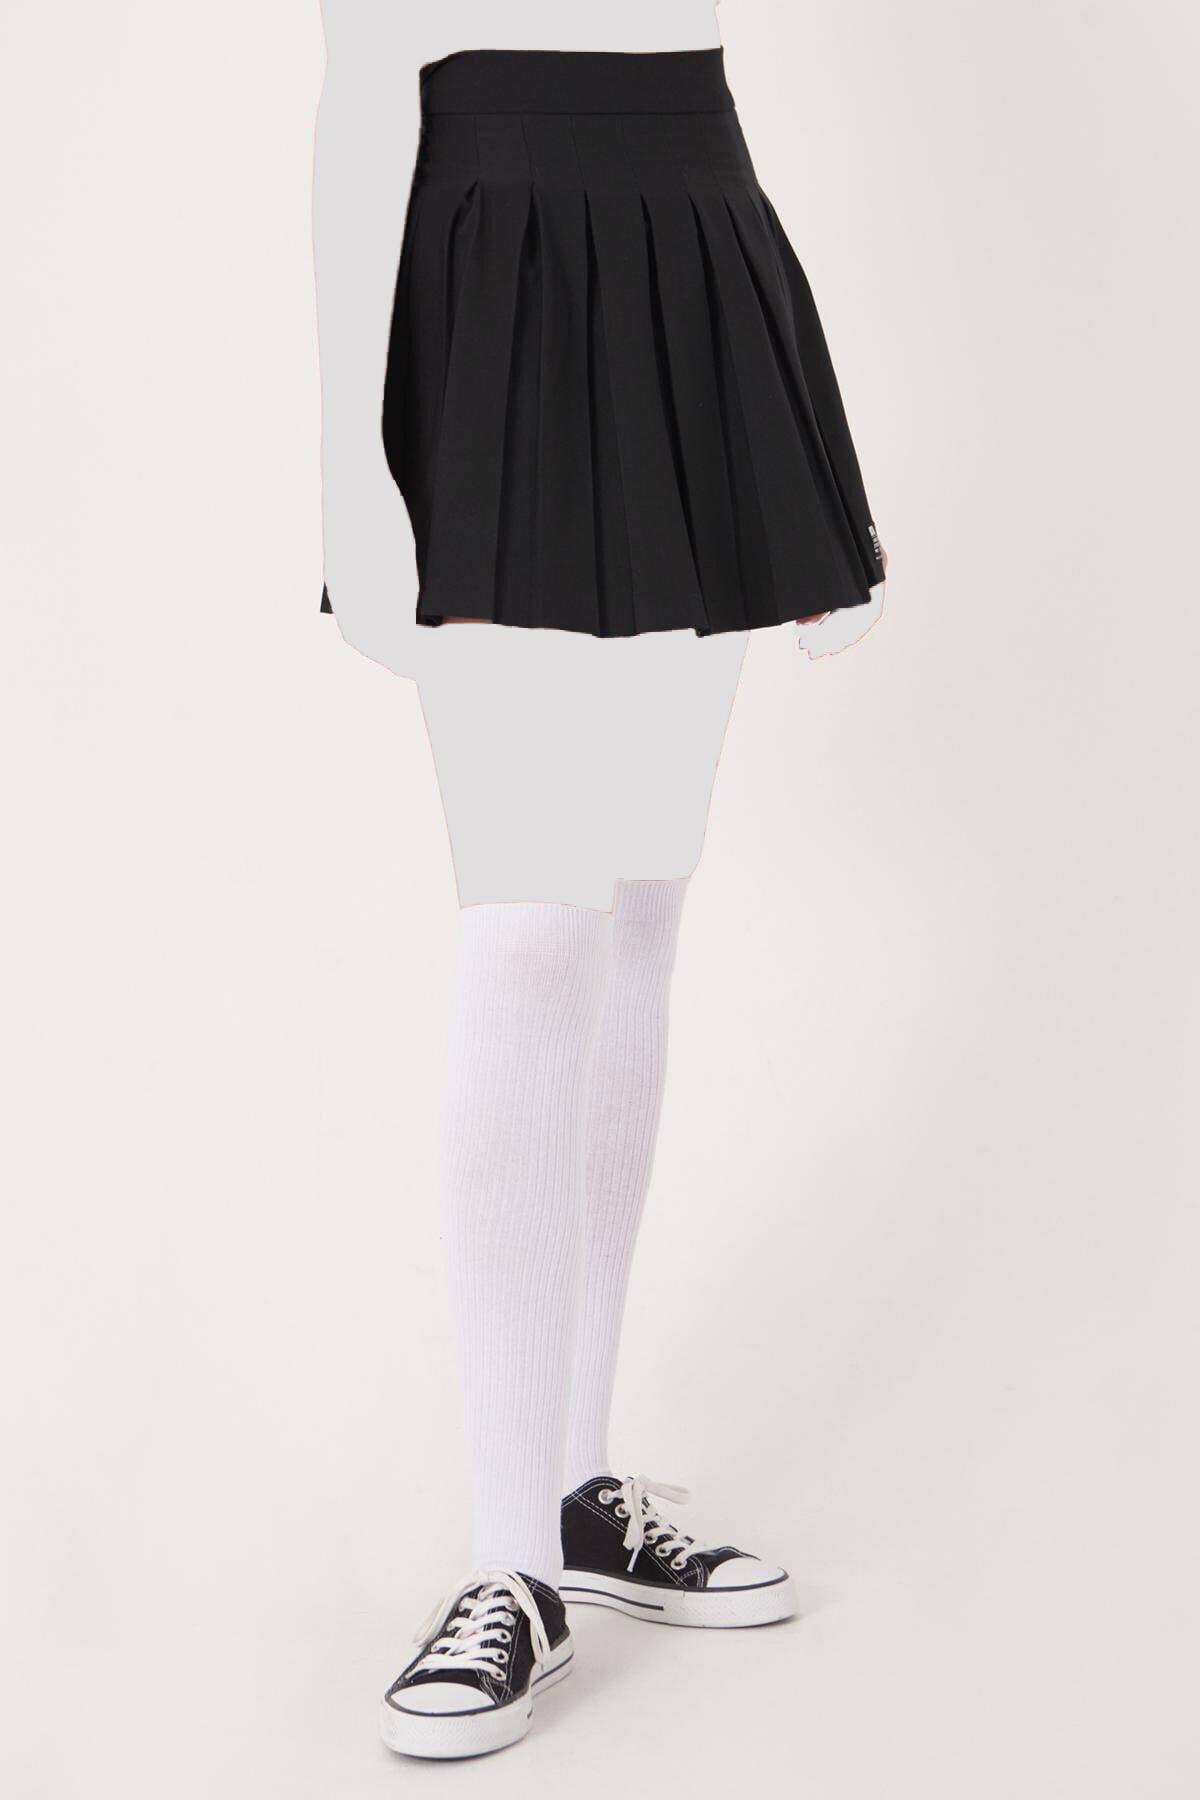 خرید انلاین دامن زنانه خاص برند Addax رنگ مشکی کد ty44575189